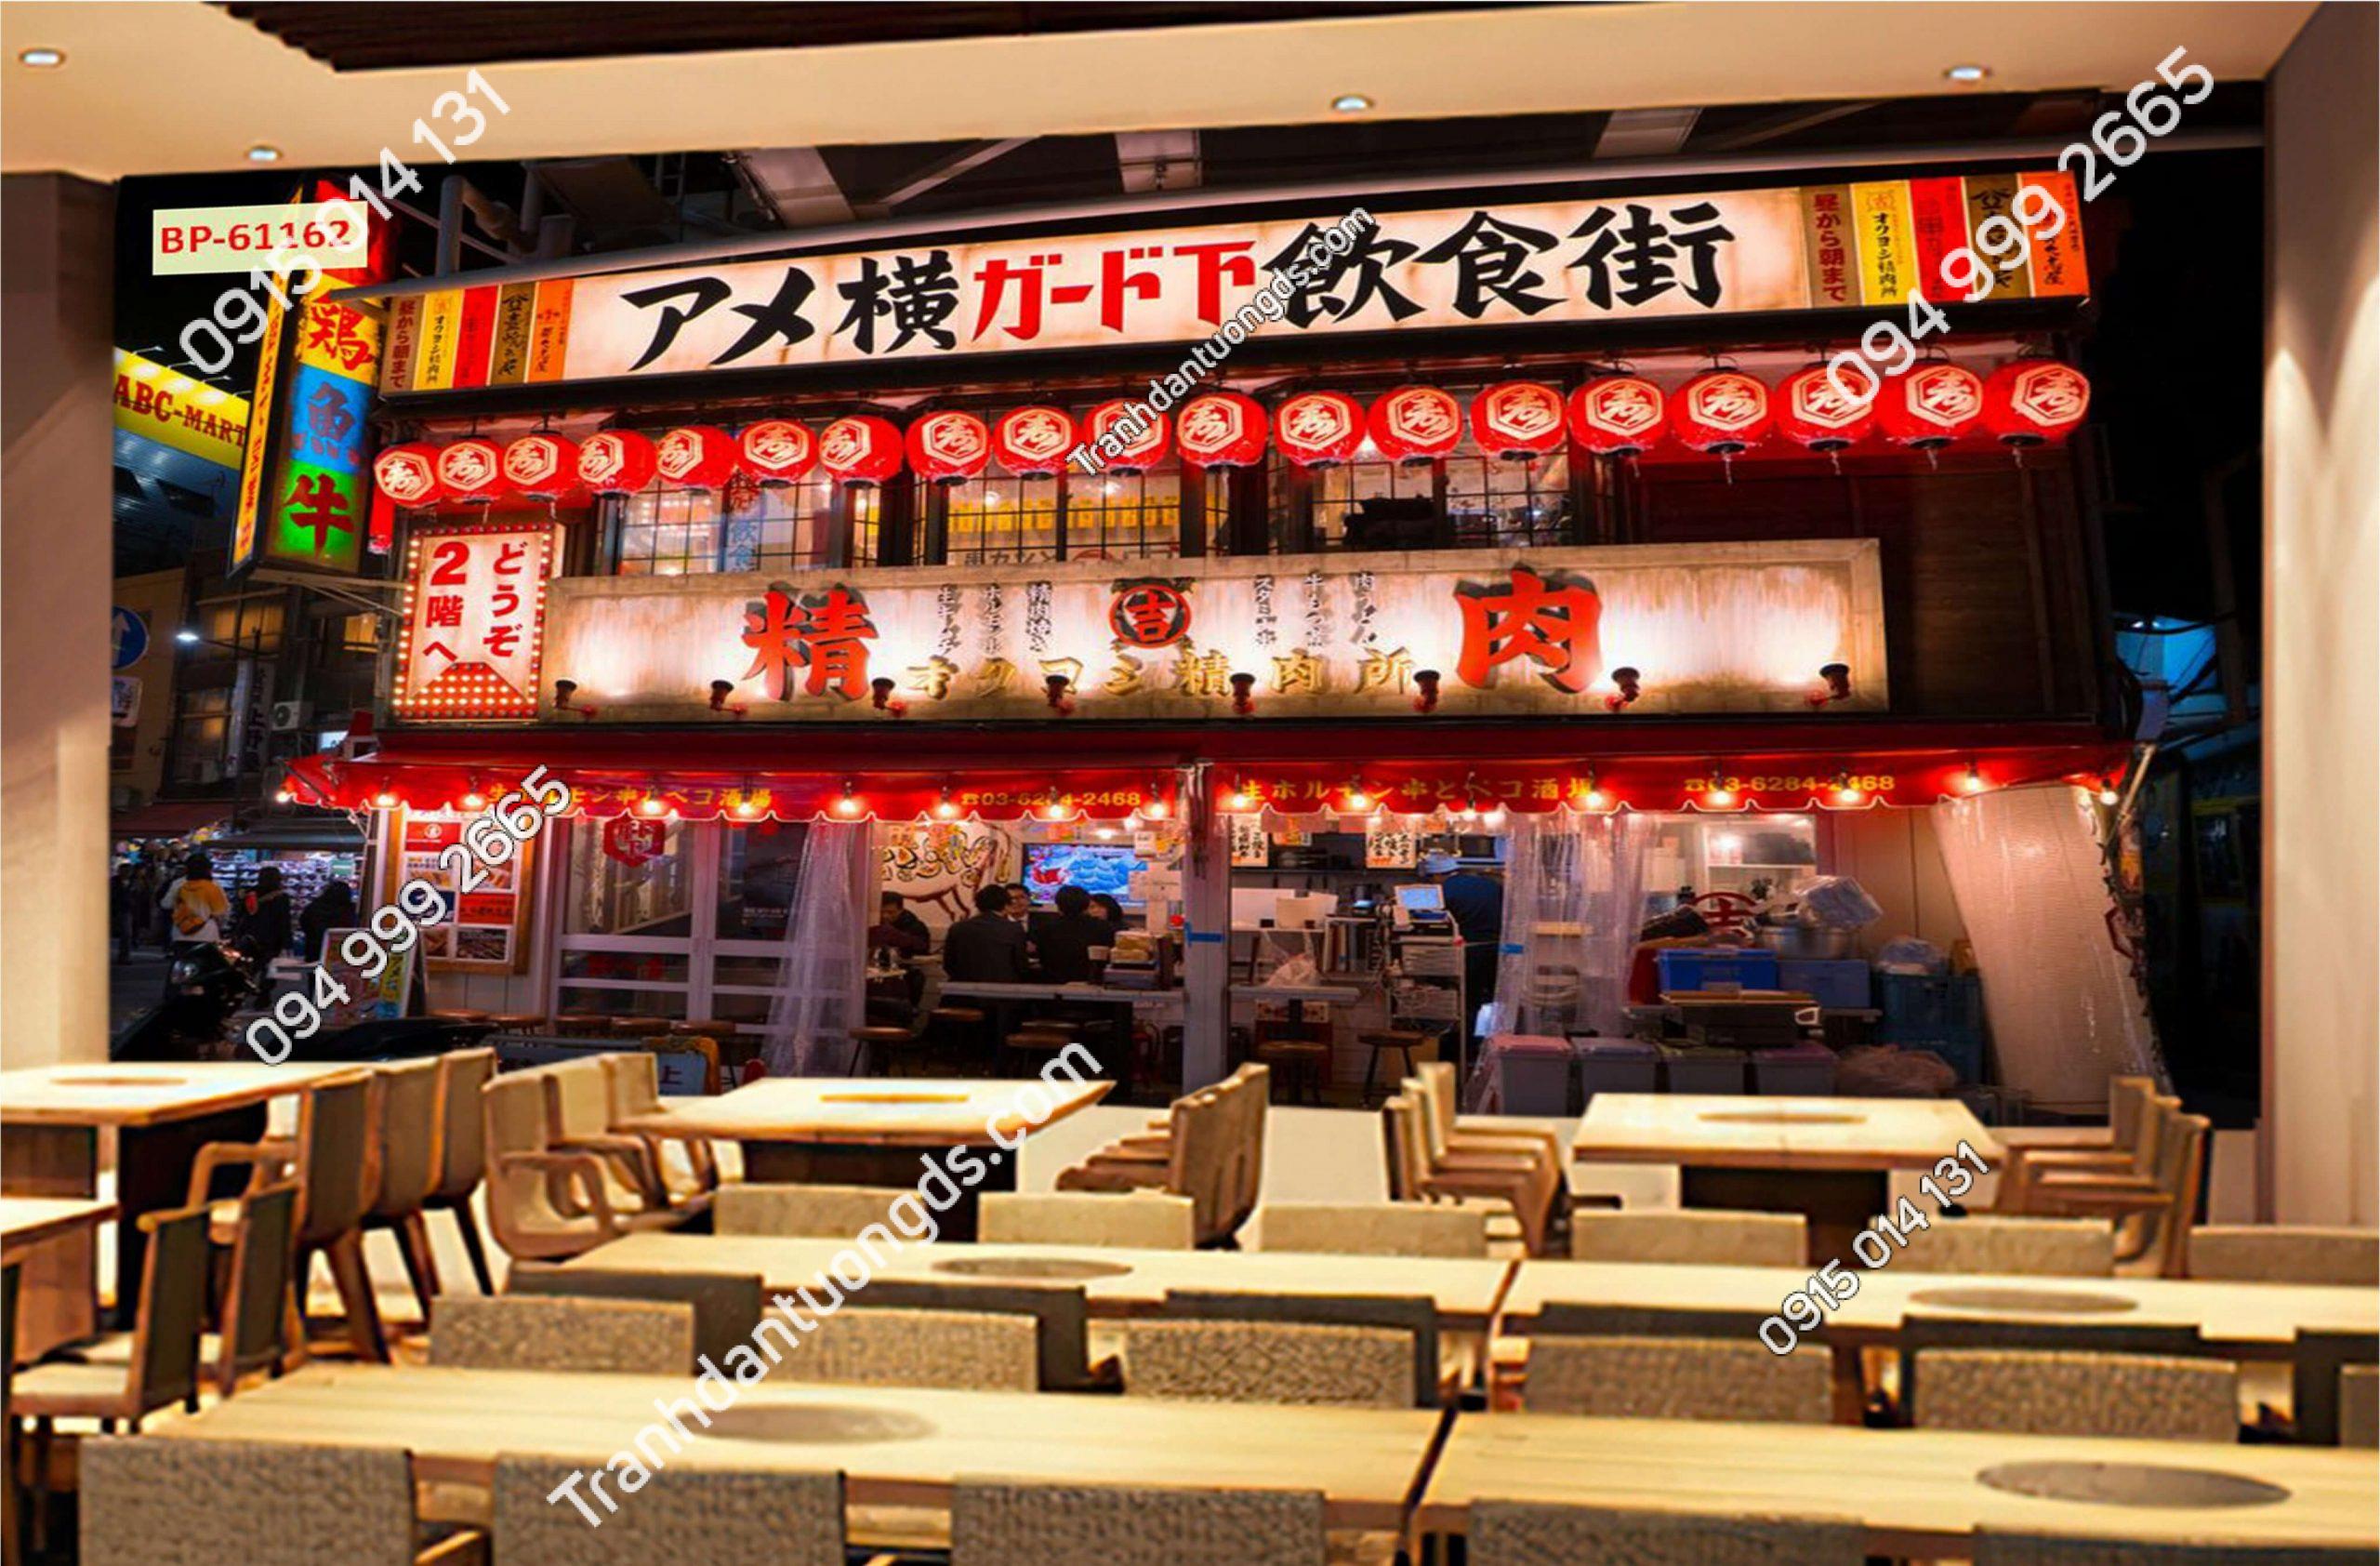 Tranh nhà hàng hongkong đẹp